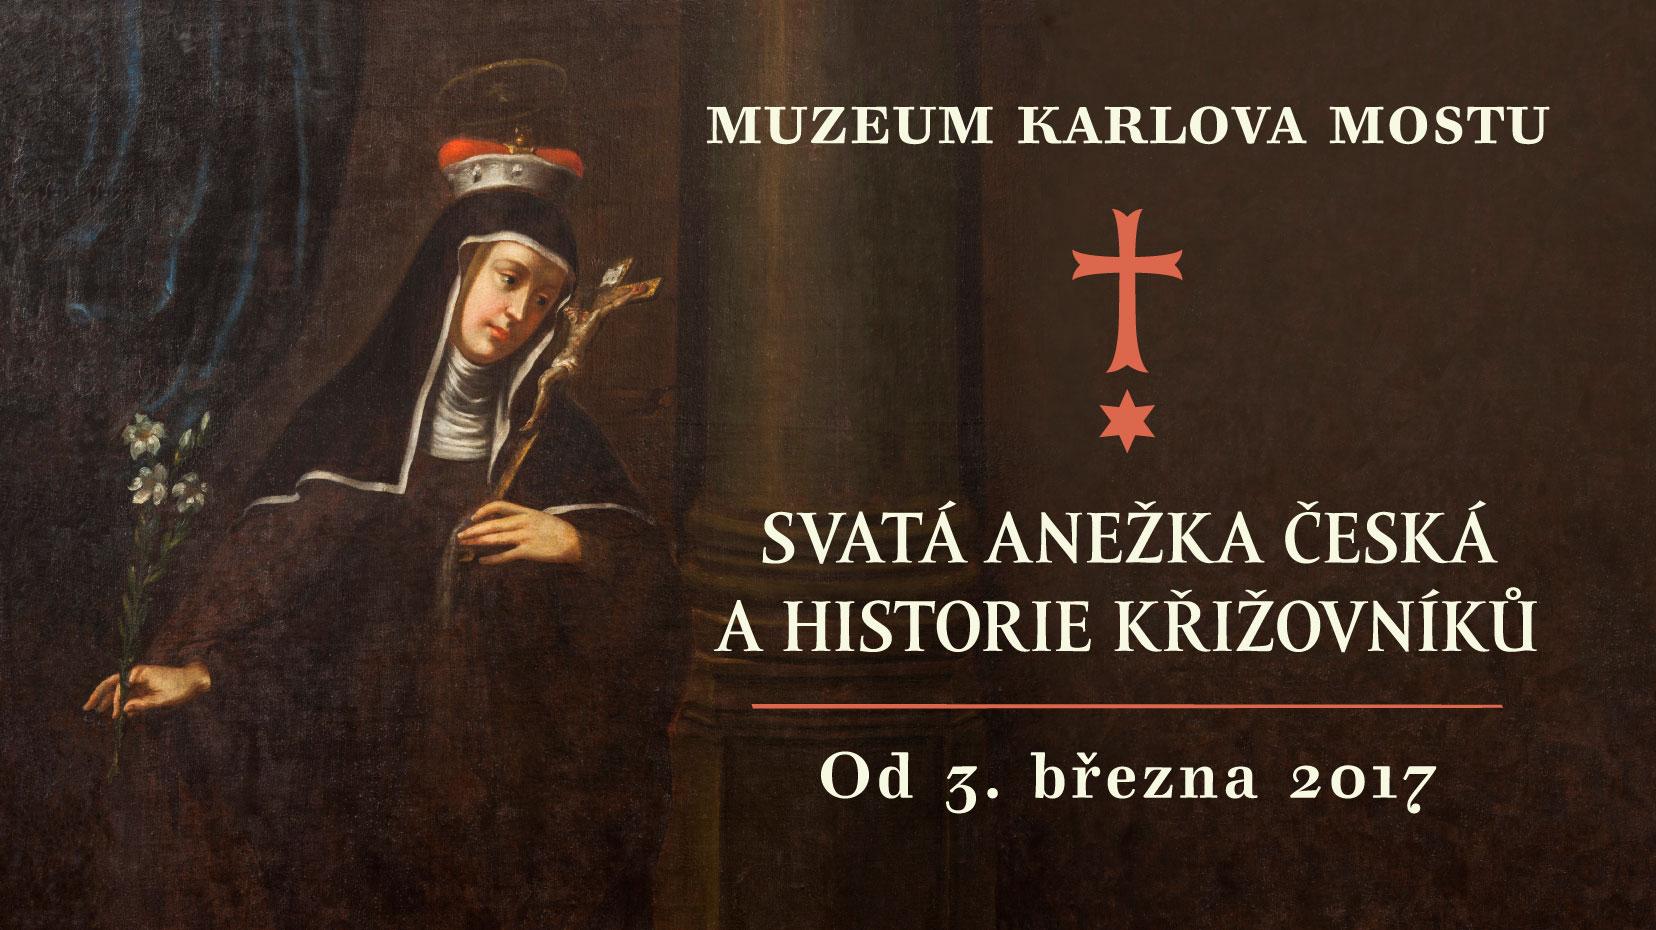 SVATÁ ANEŽKA ČESKÁ A HISTORIE KŘÍŽOVNÍKŮ | Muzeum Karlova mostu